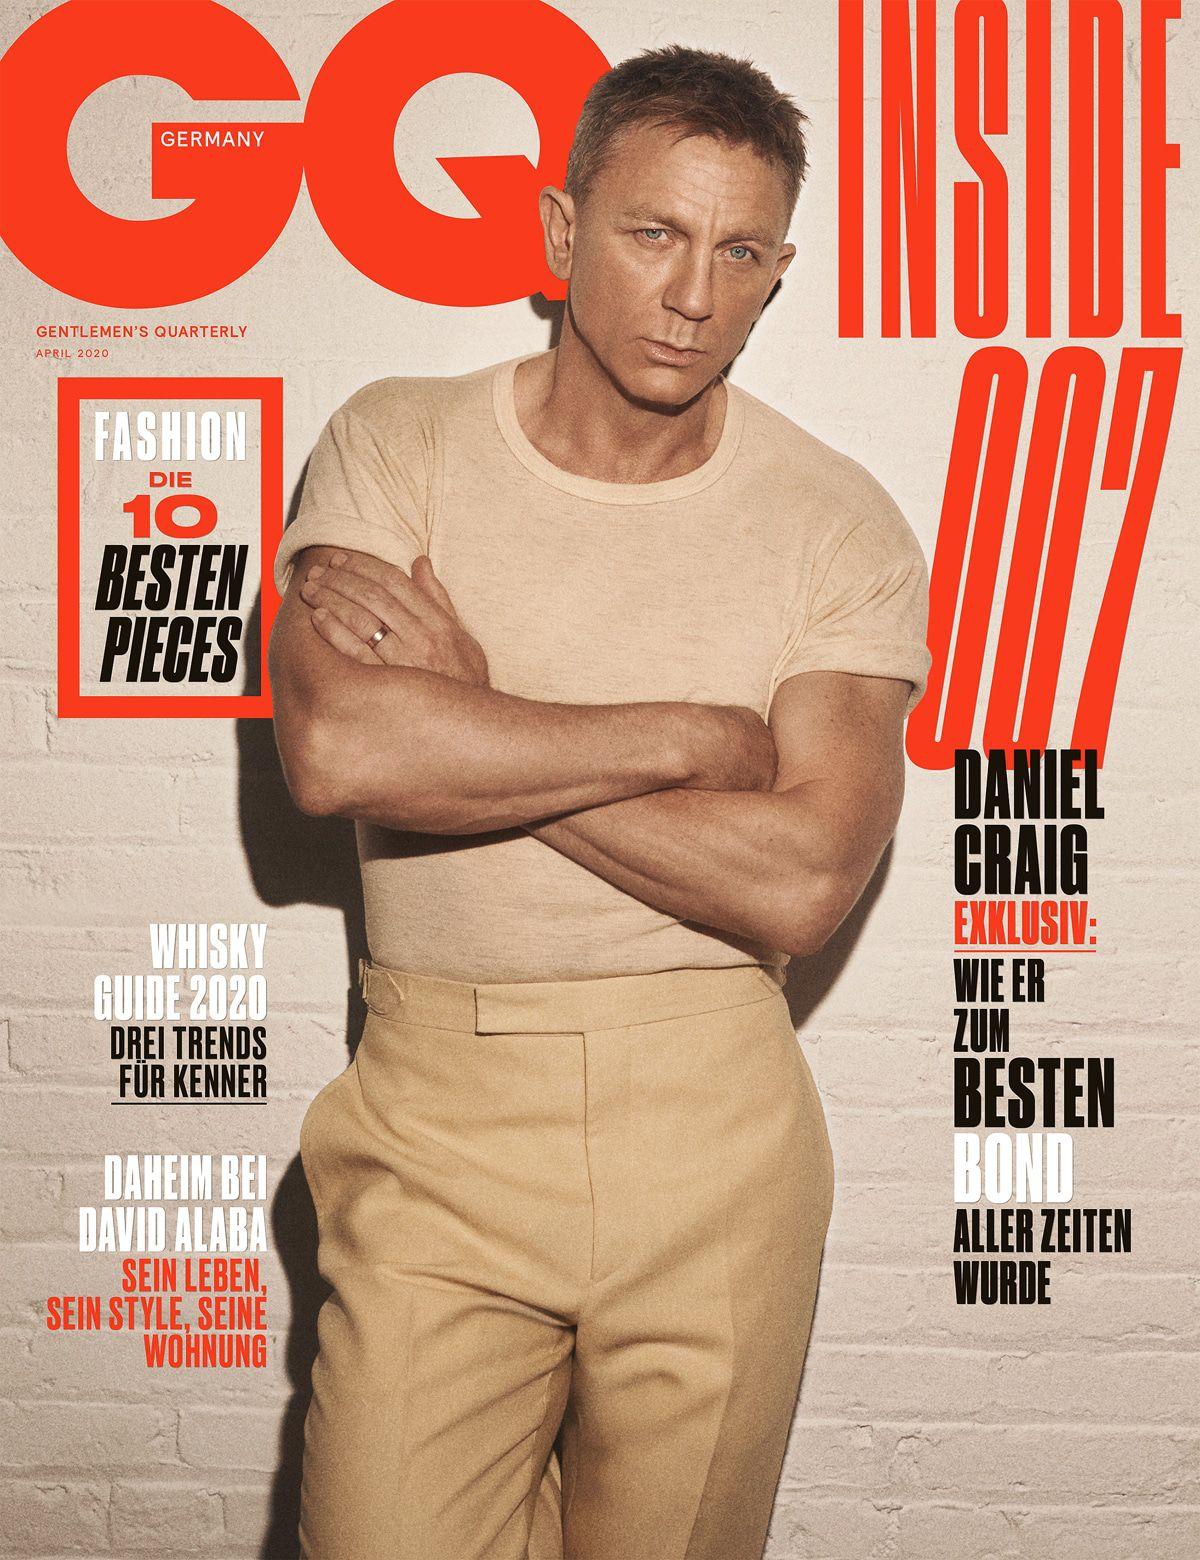 """Daniel Craig über 007: """"Ich hatte aufrichtig Angst, dass ich mir das Leben versaue"""""""